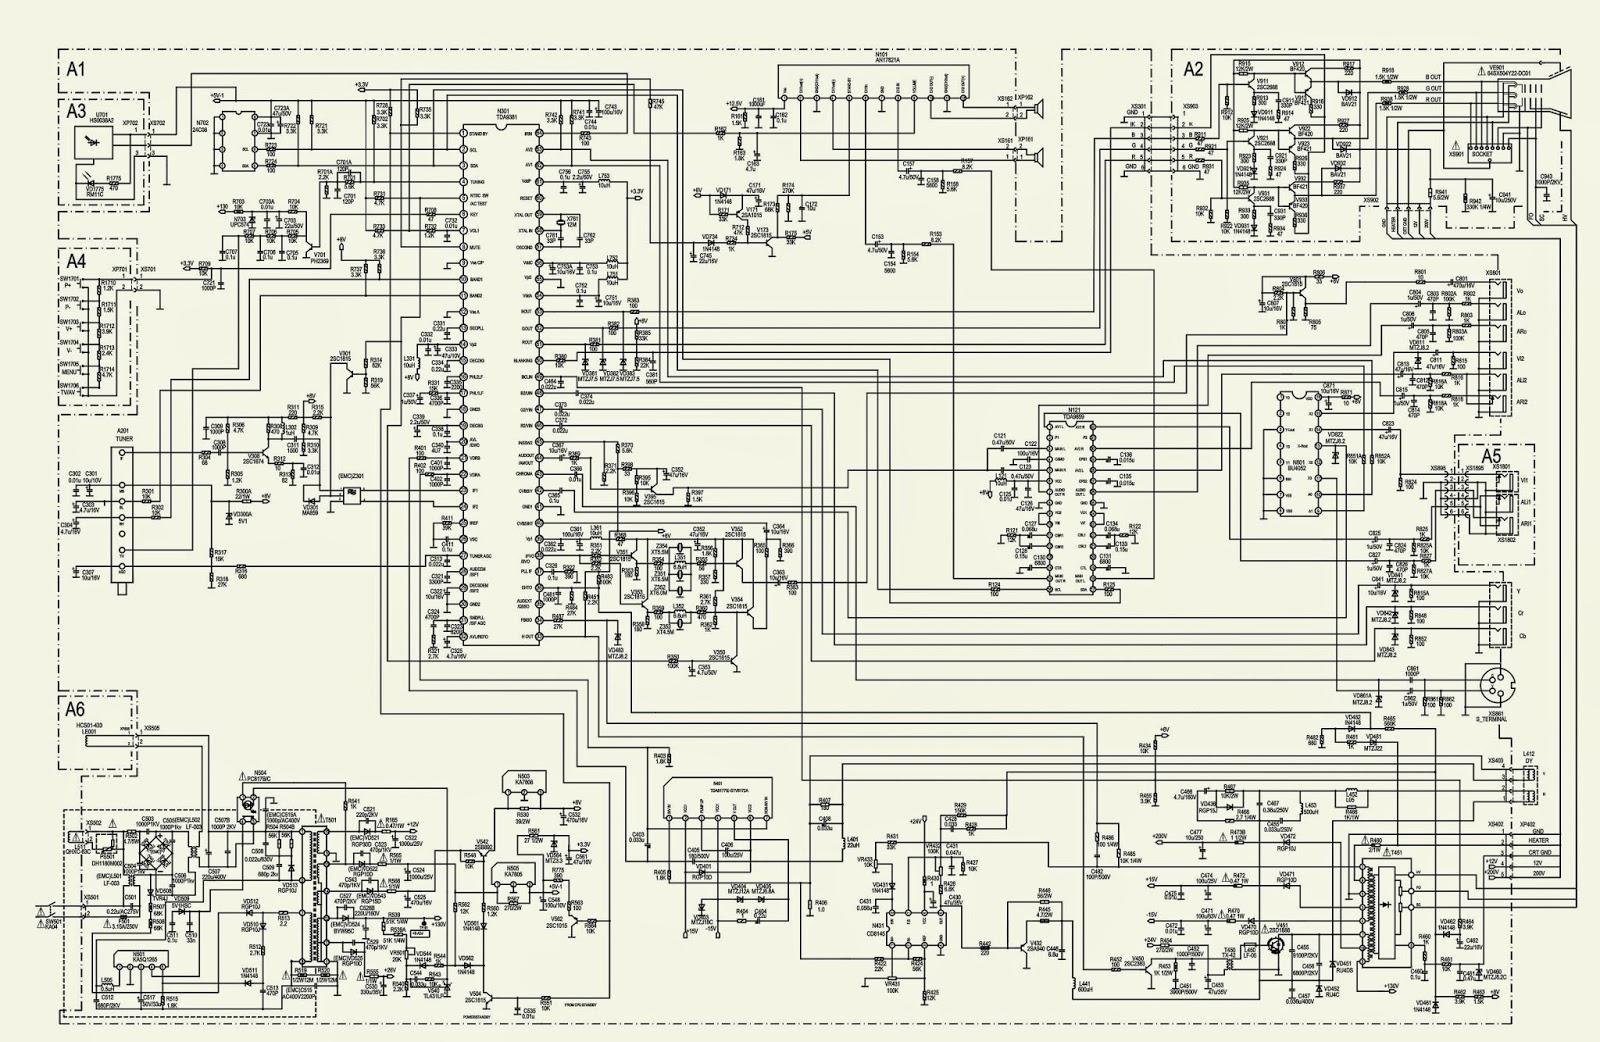 medium resolution of samsung crt tv circuit diagram samsung image colour tv circuit diagram the wiring diagram on samsung schematic j info